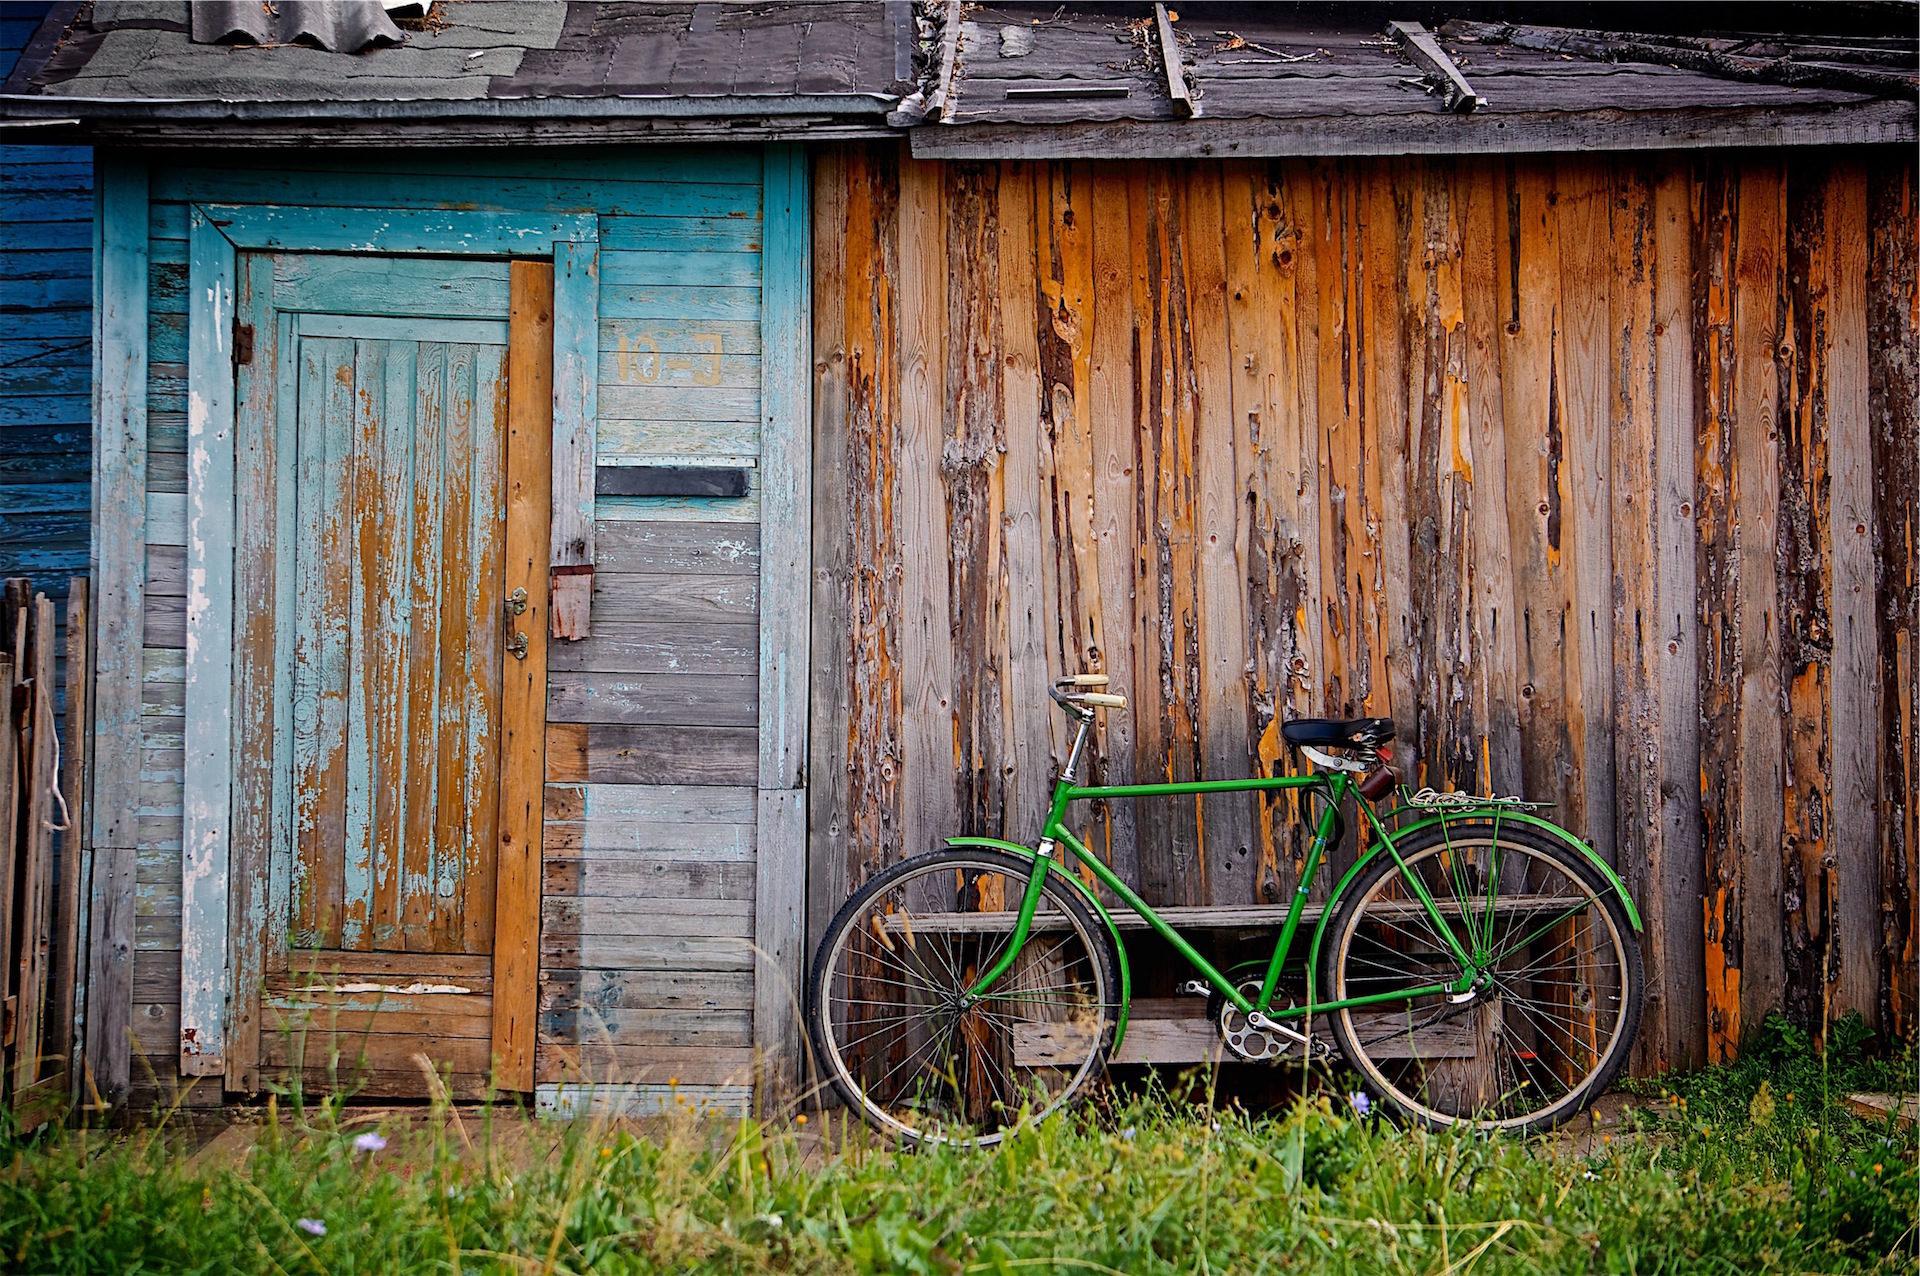 vélo, Cabana, domaine, Rustic, Vert - Fonds d'écran HD - Professor-falken.com